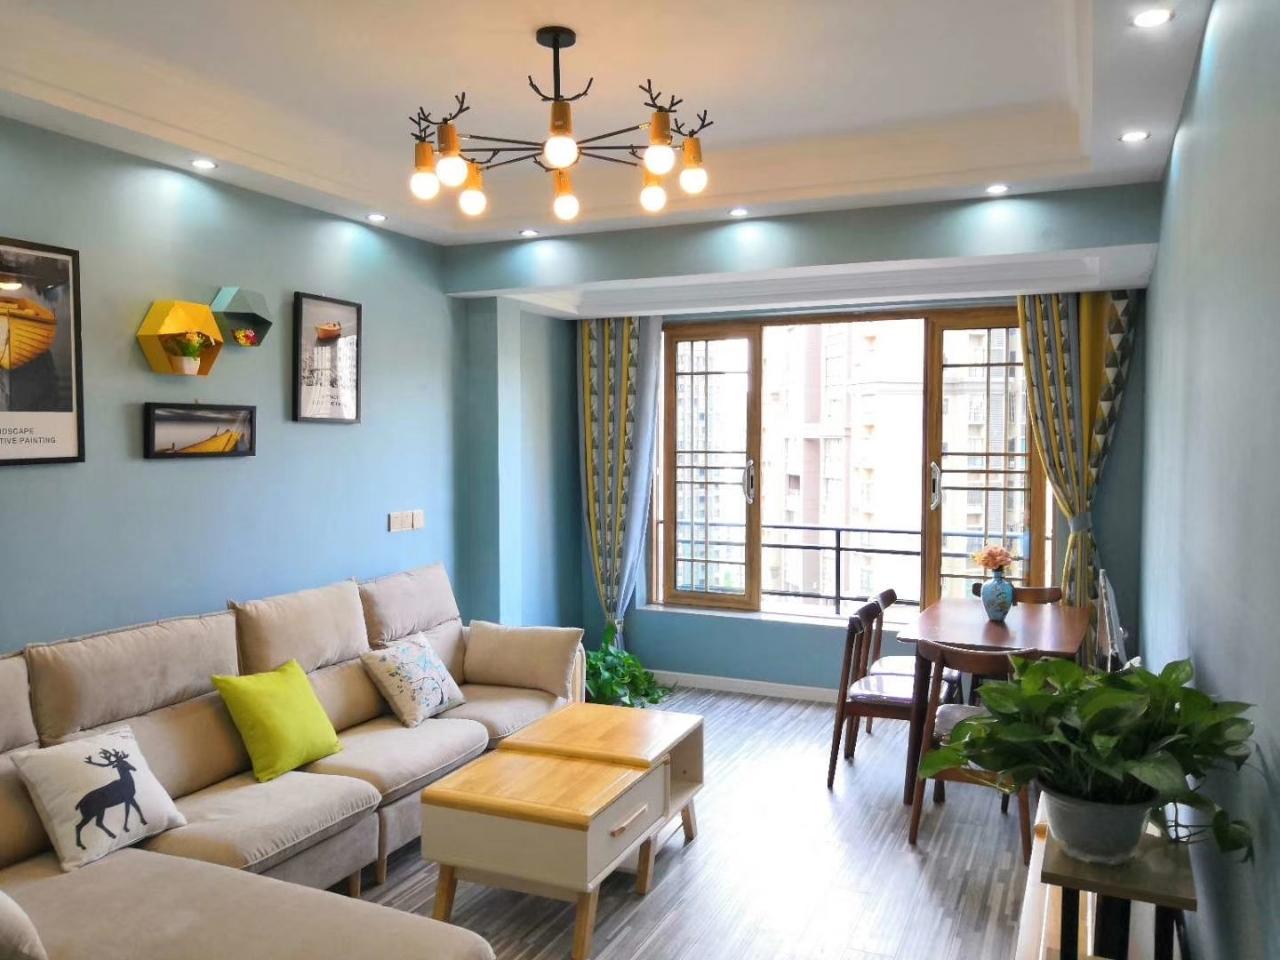 世紀花城  豪裝3房 小區環境 采光 戶型非常舒服